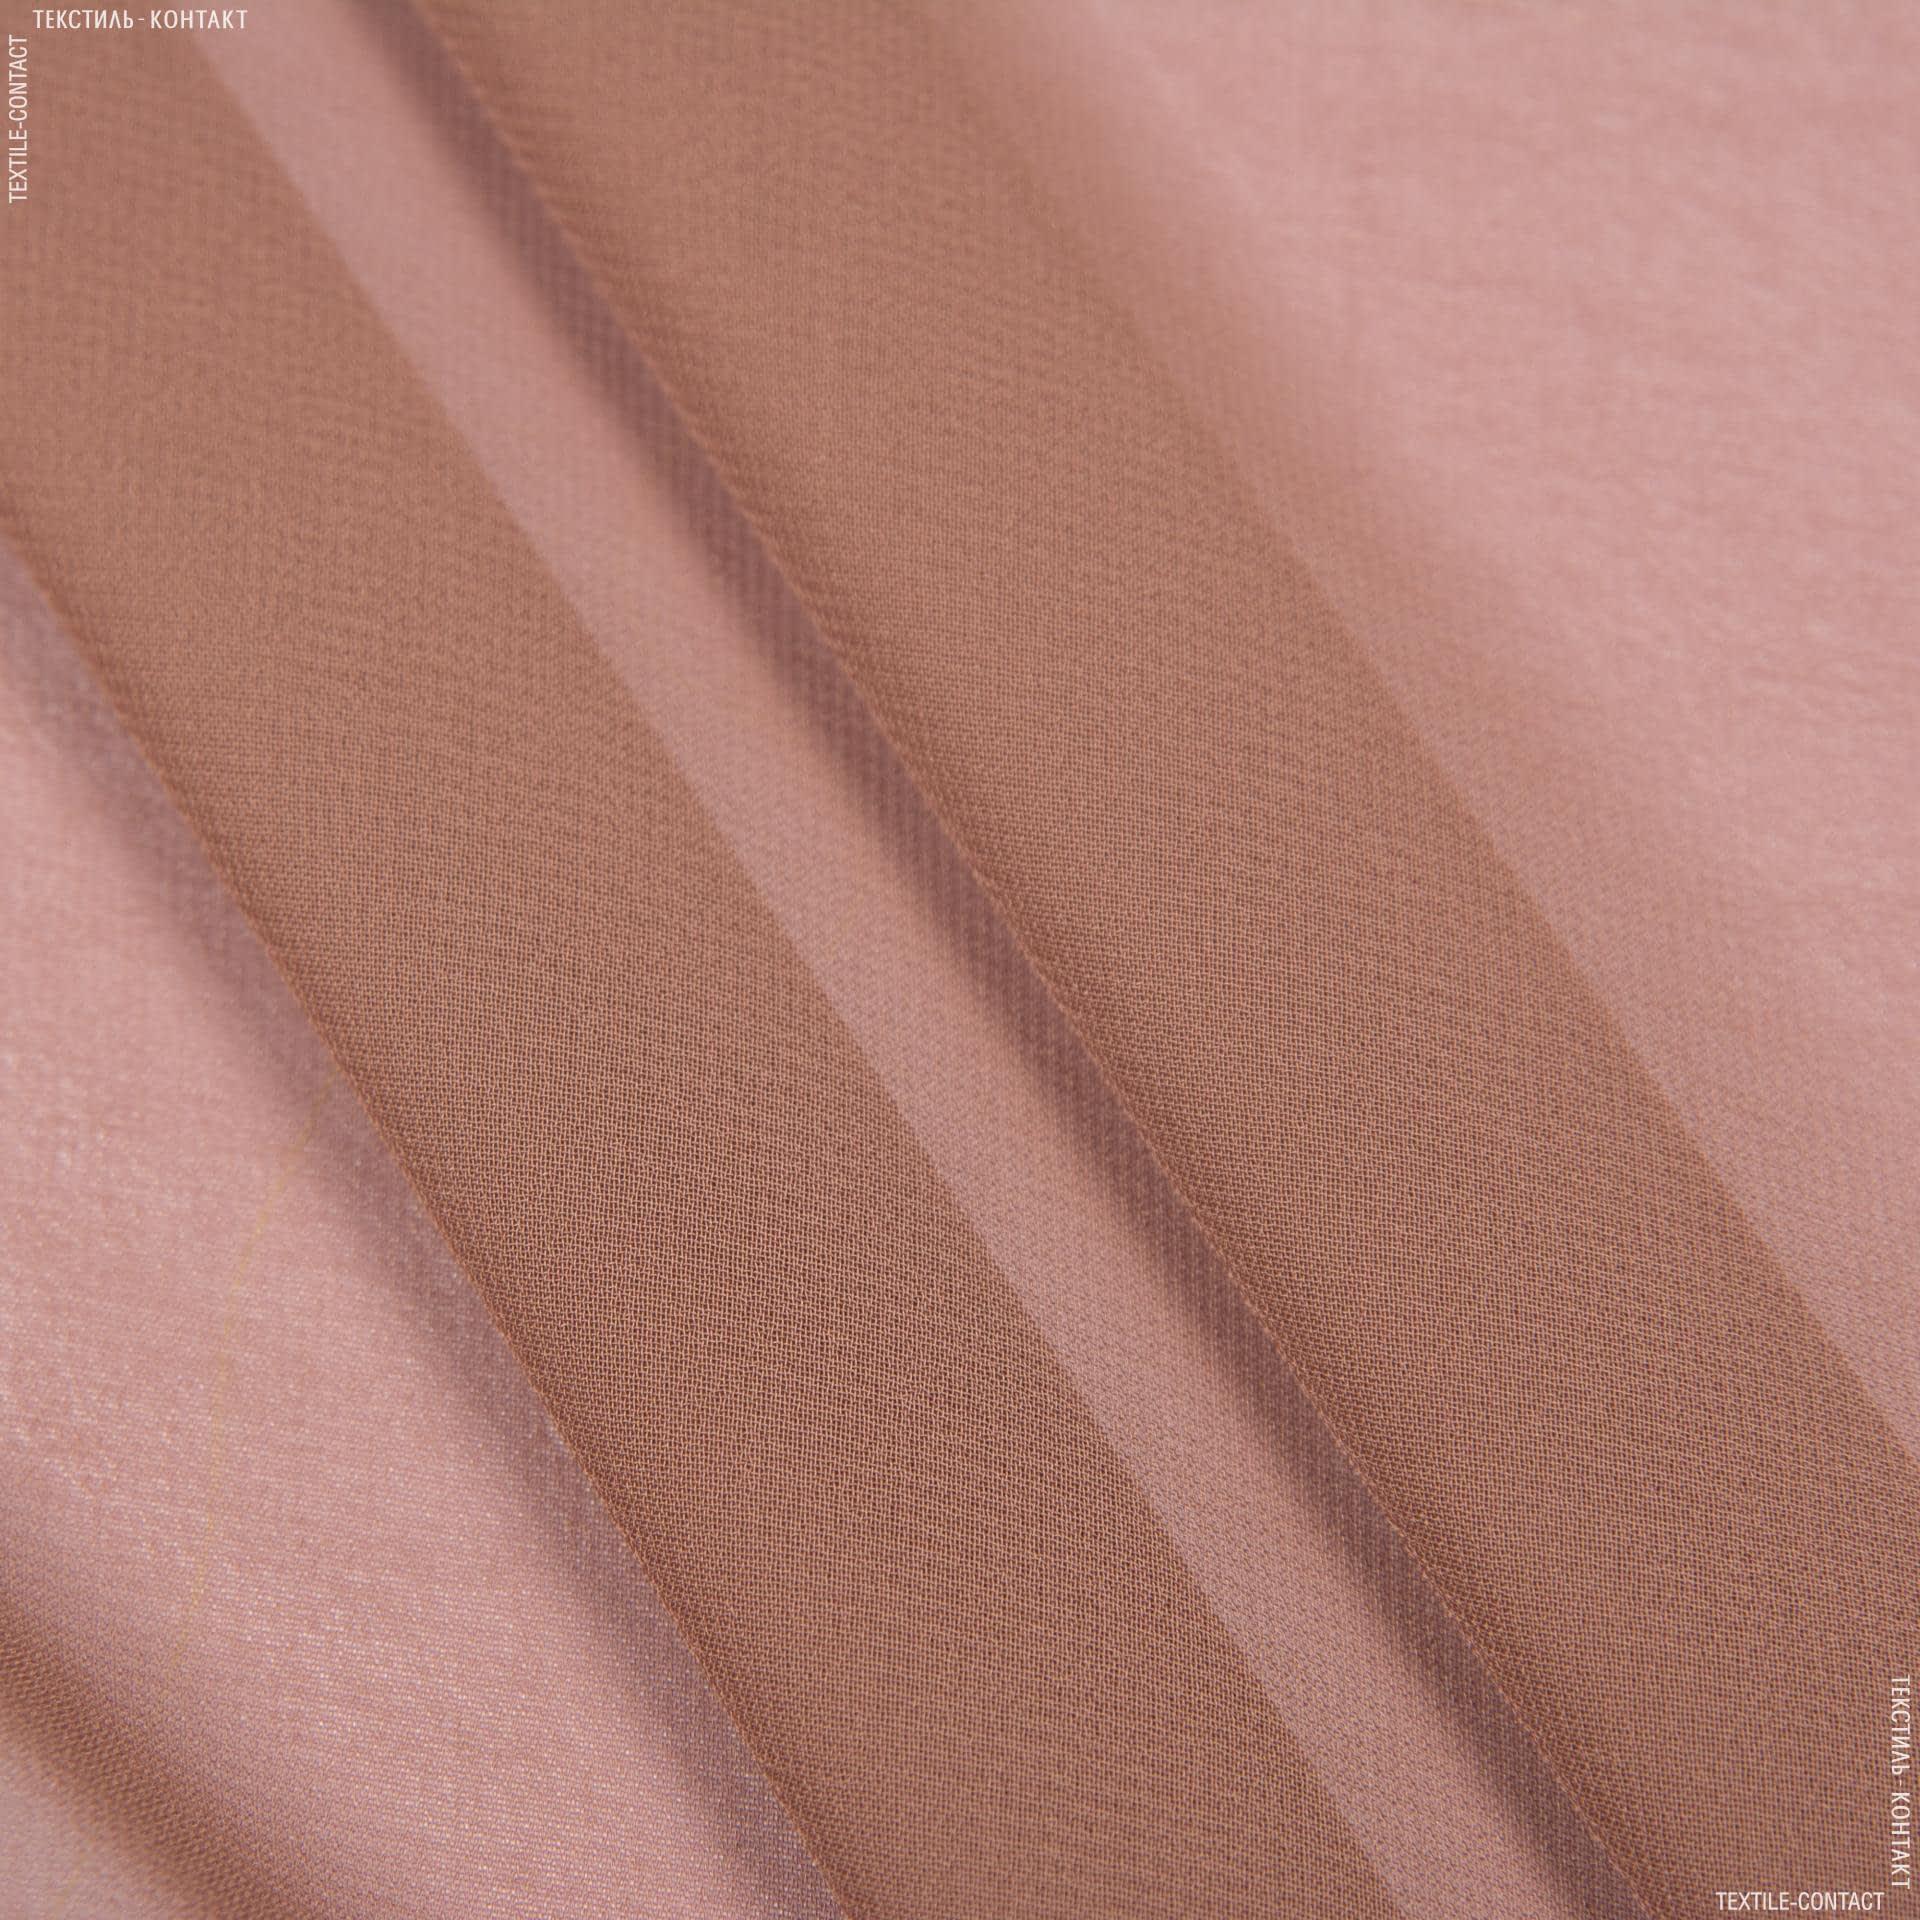 Тканини для хусток та бандан - Шифон мульті кавовий